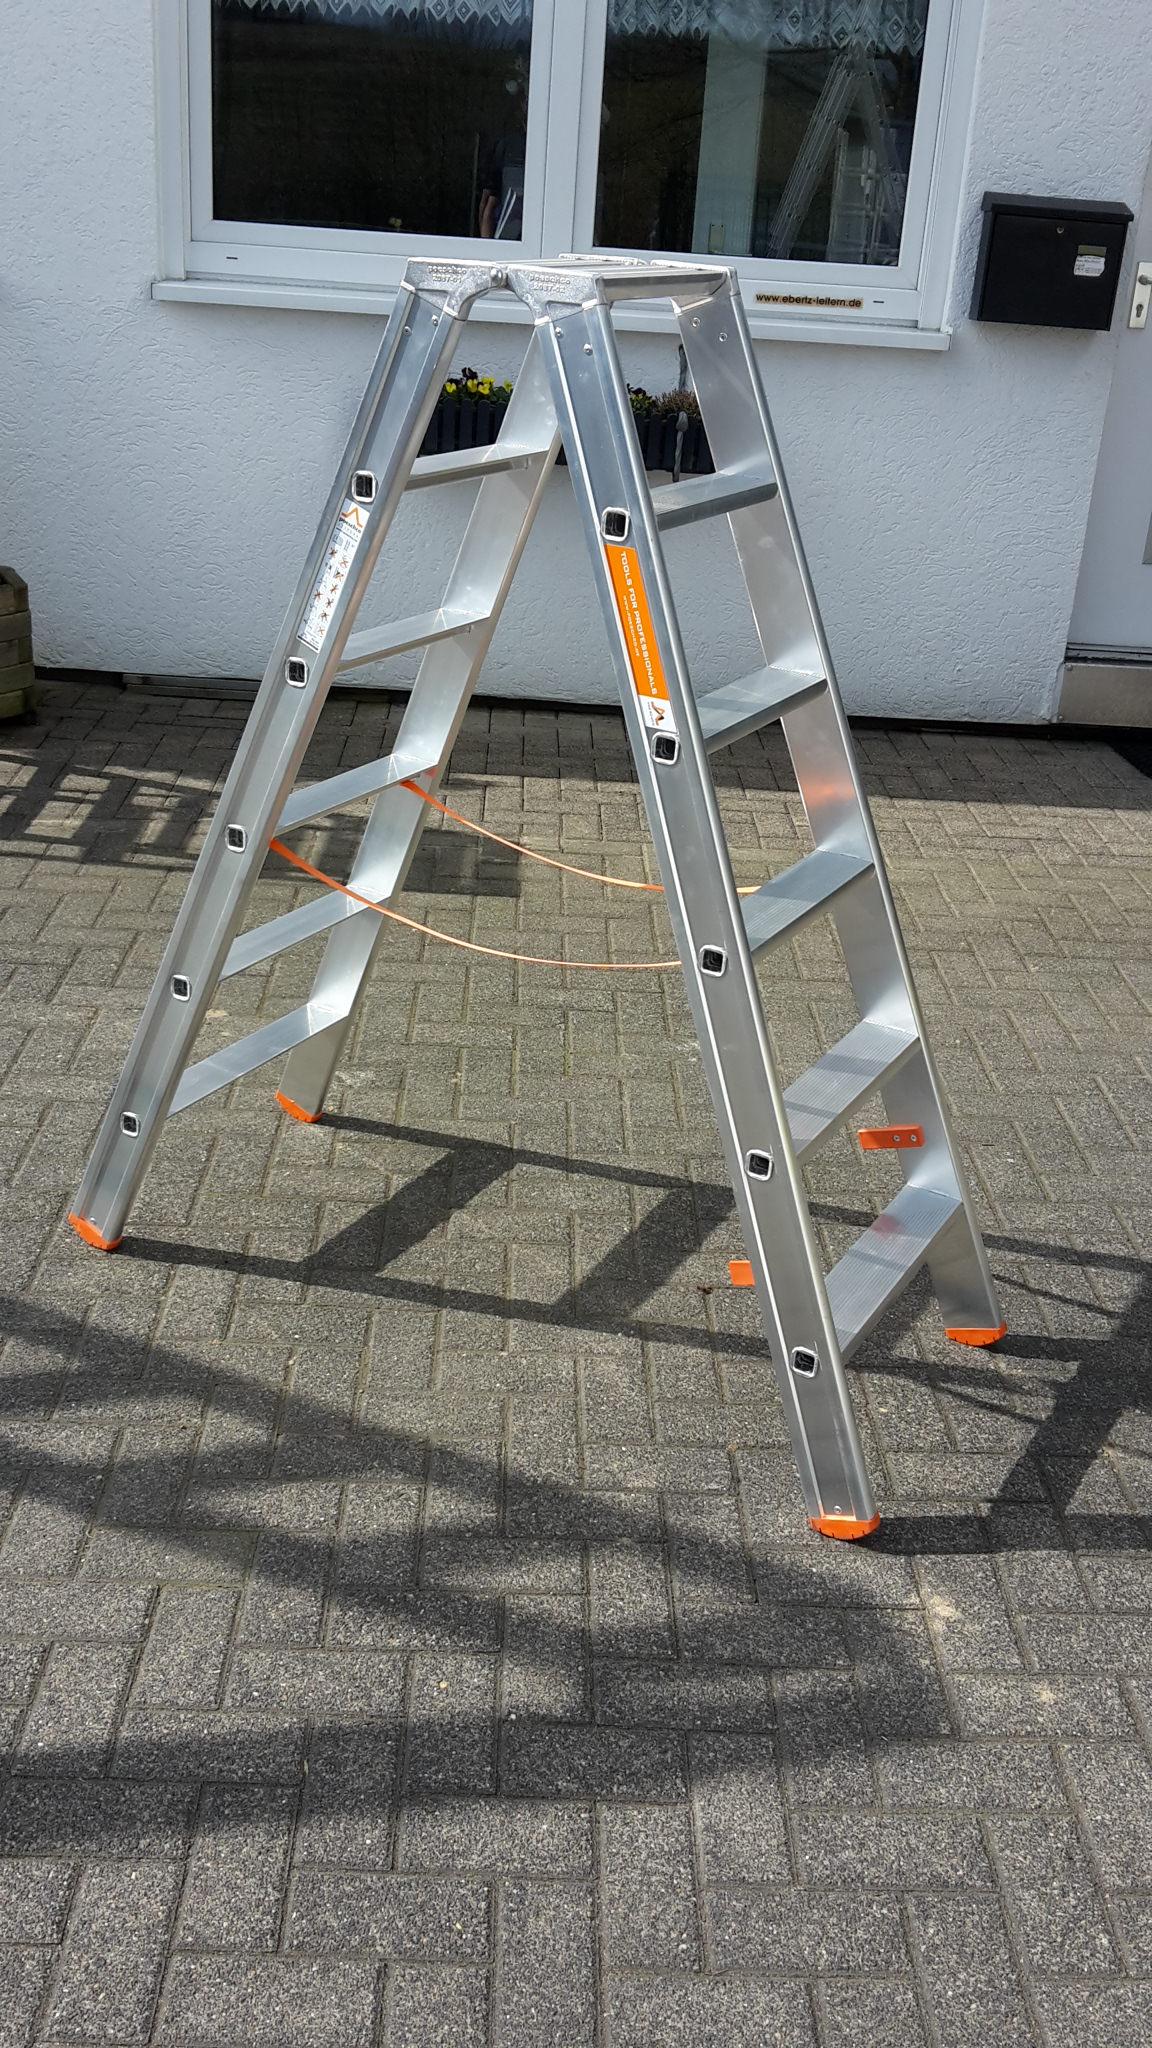 Poeschco Stehleiter Profi Beidseitig 2 X 6 Stufen